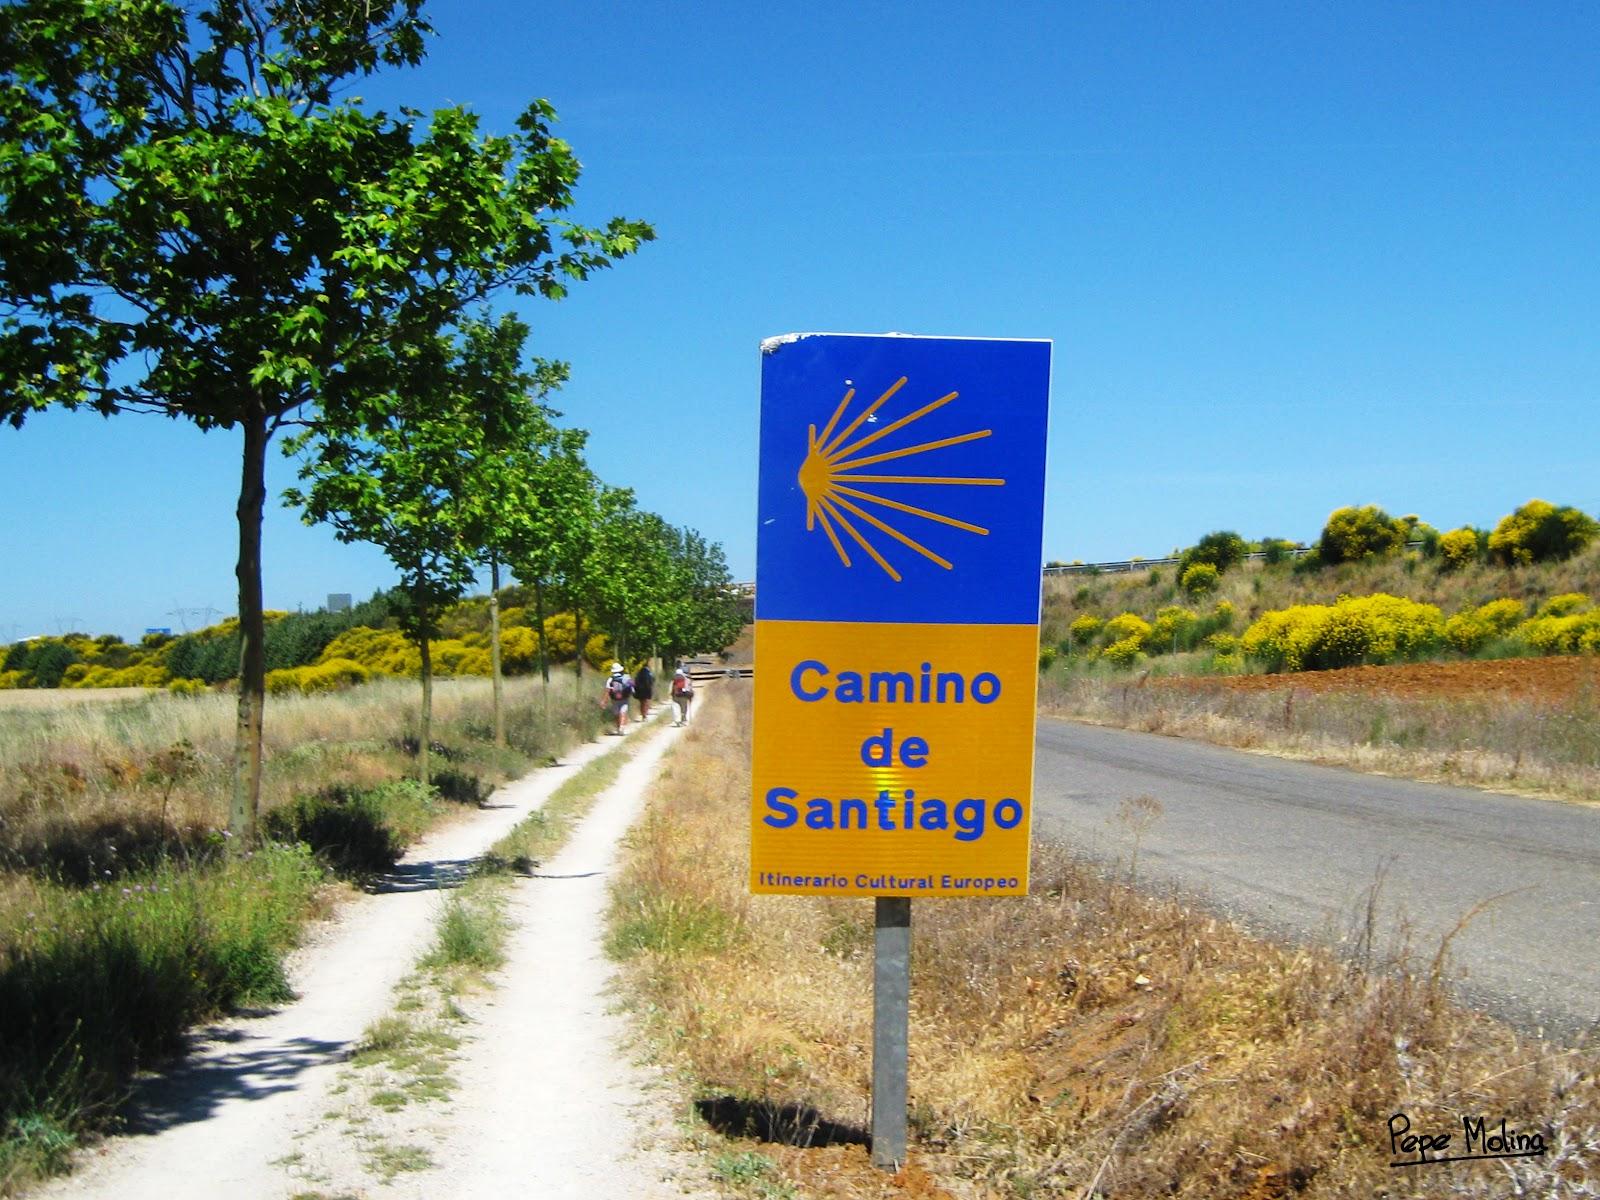 razones-para-visitar-camino-santiago-ruta-xacobea-peregrino-compostela